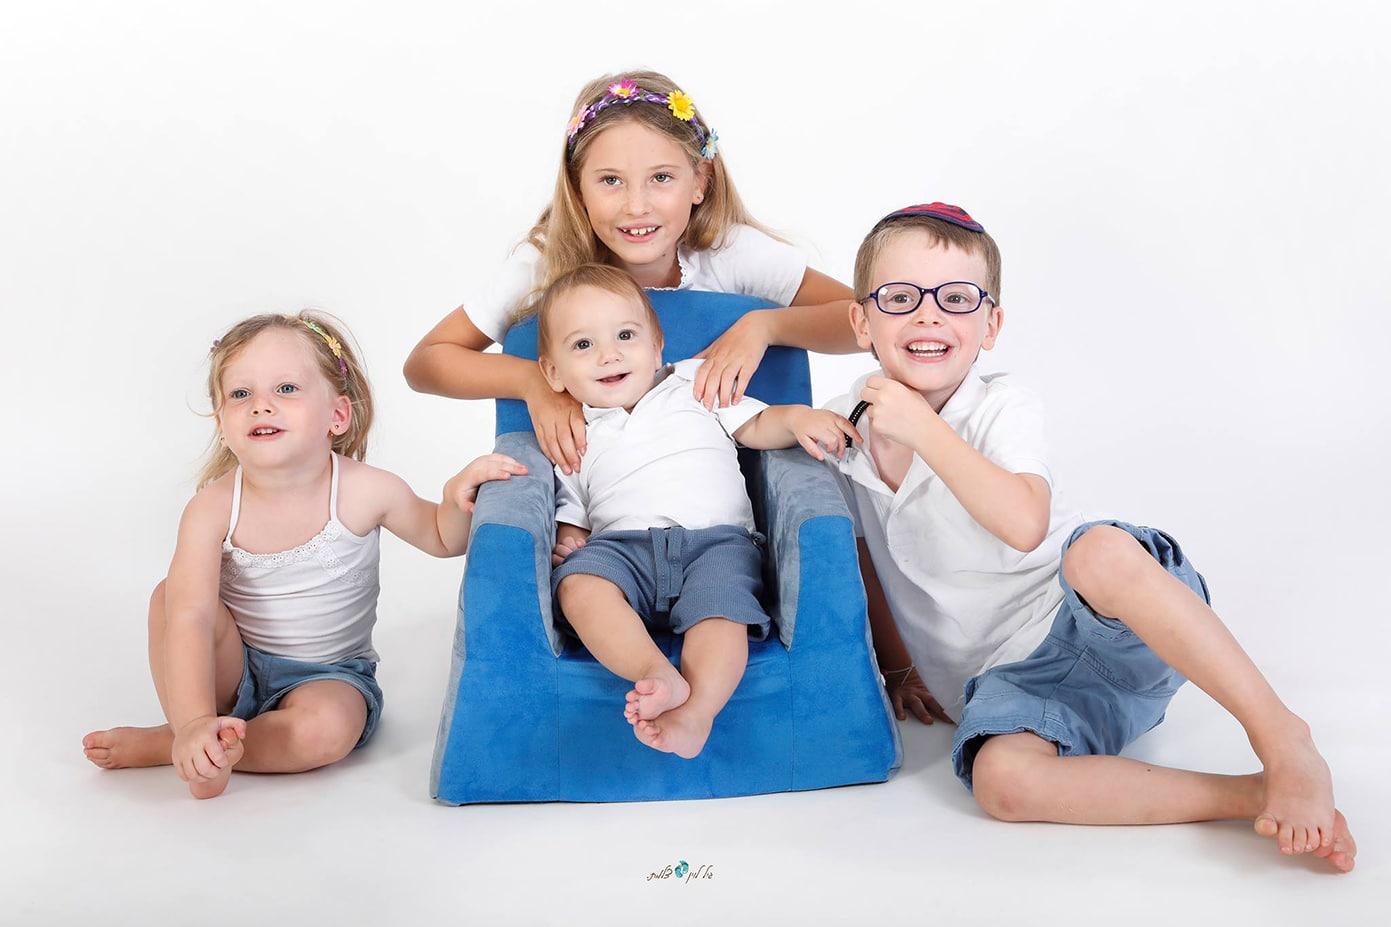 משפחת קרקובר - סטודיו גיל לוין (12)